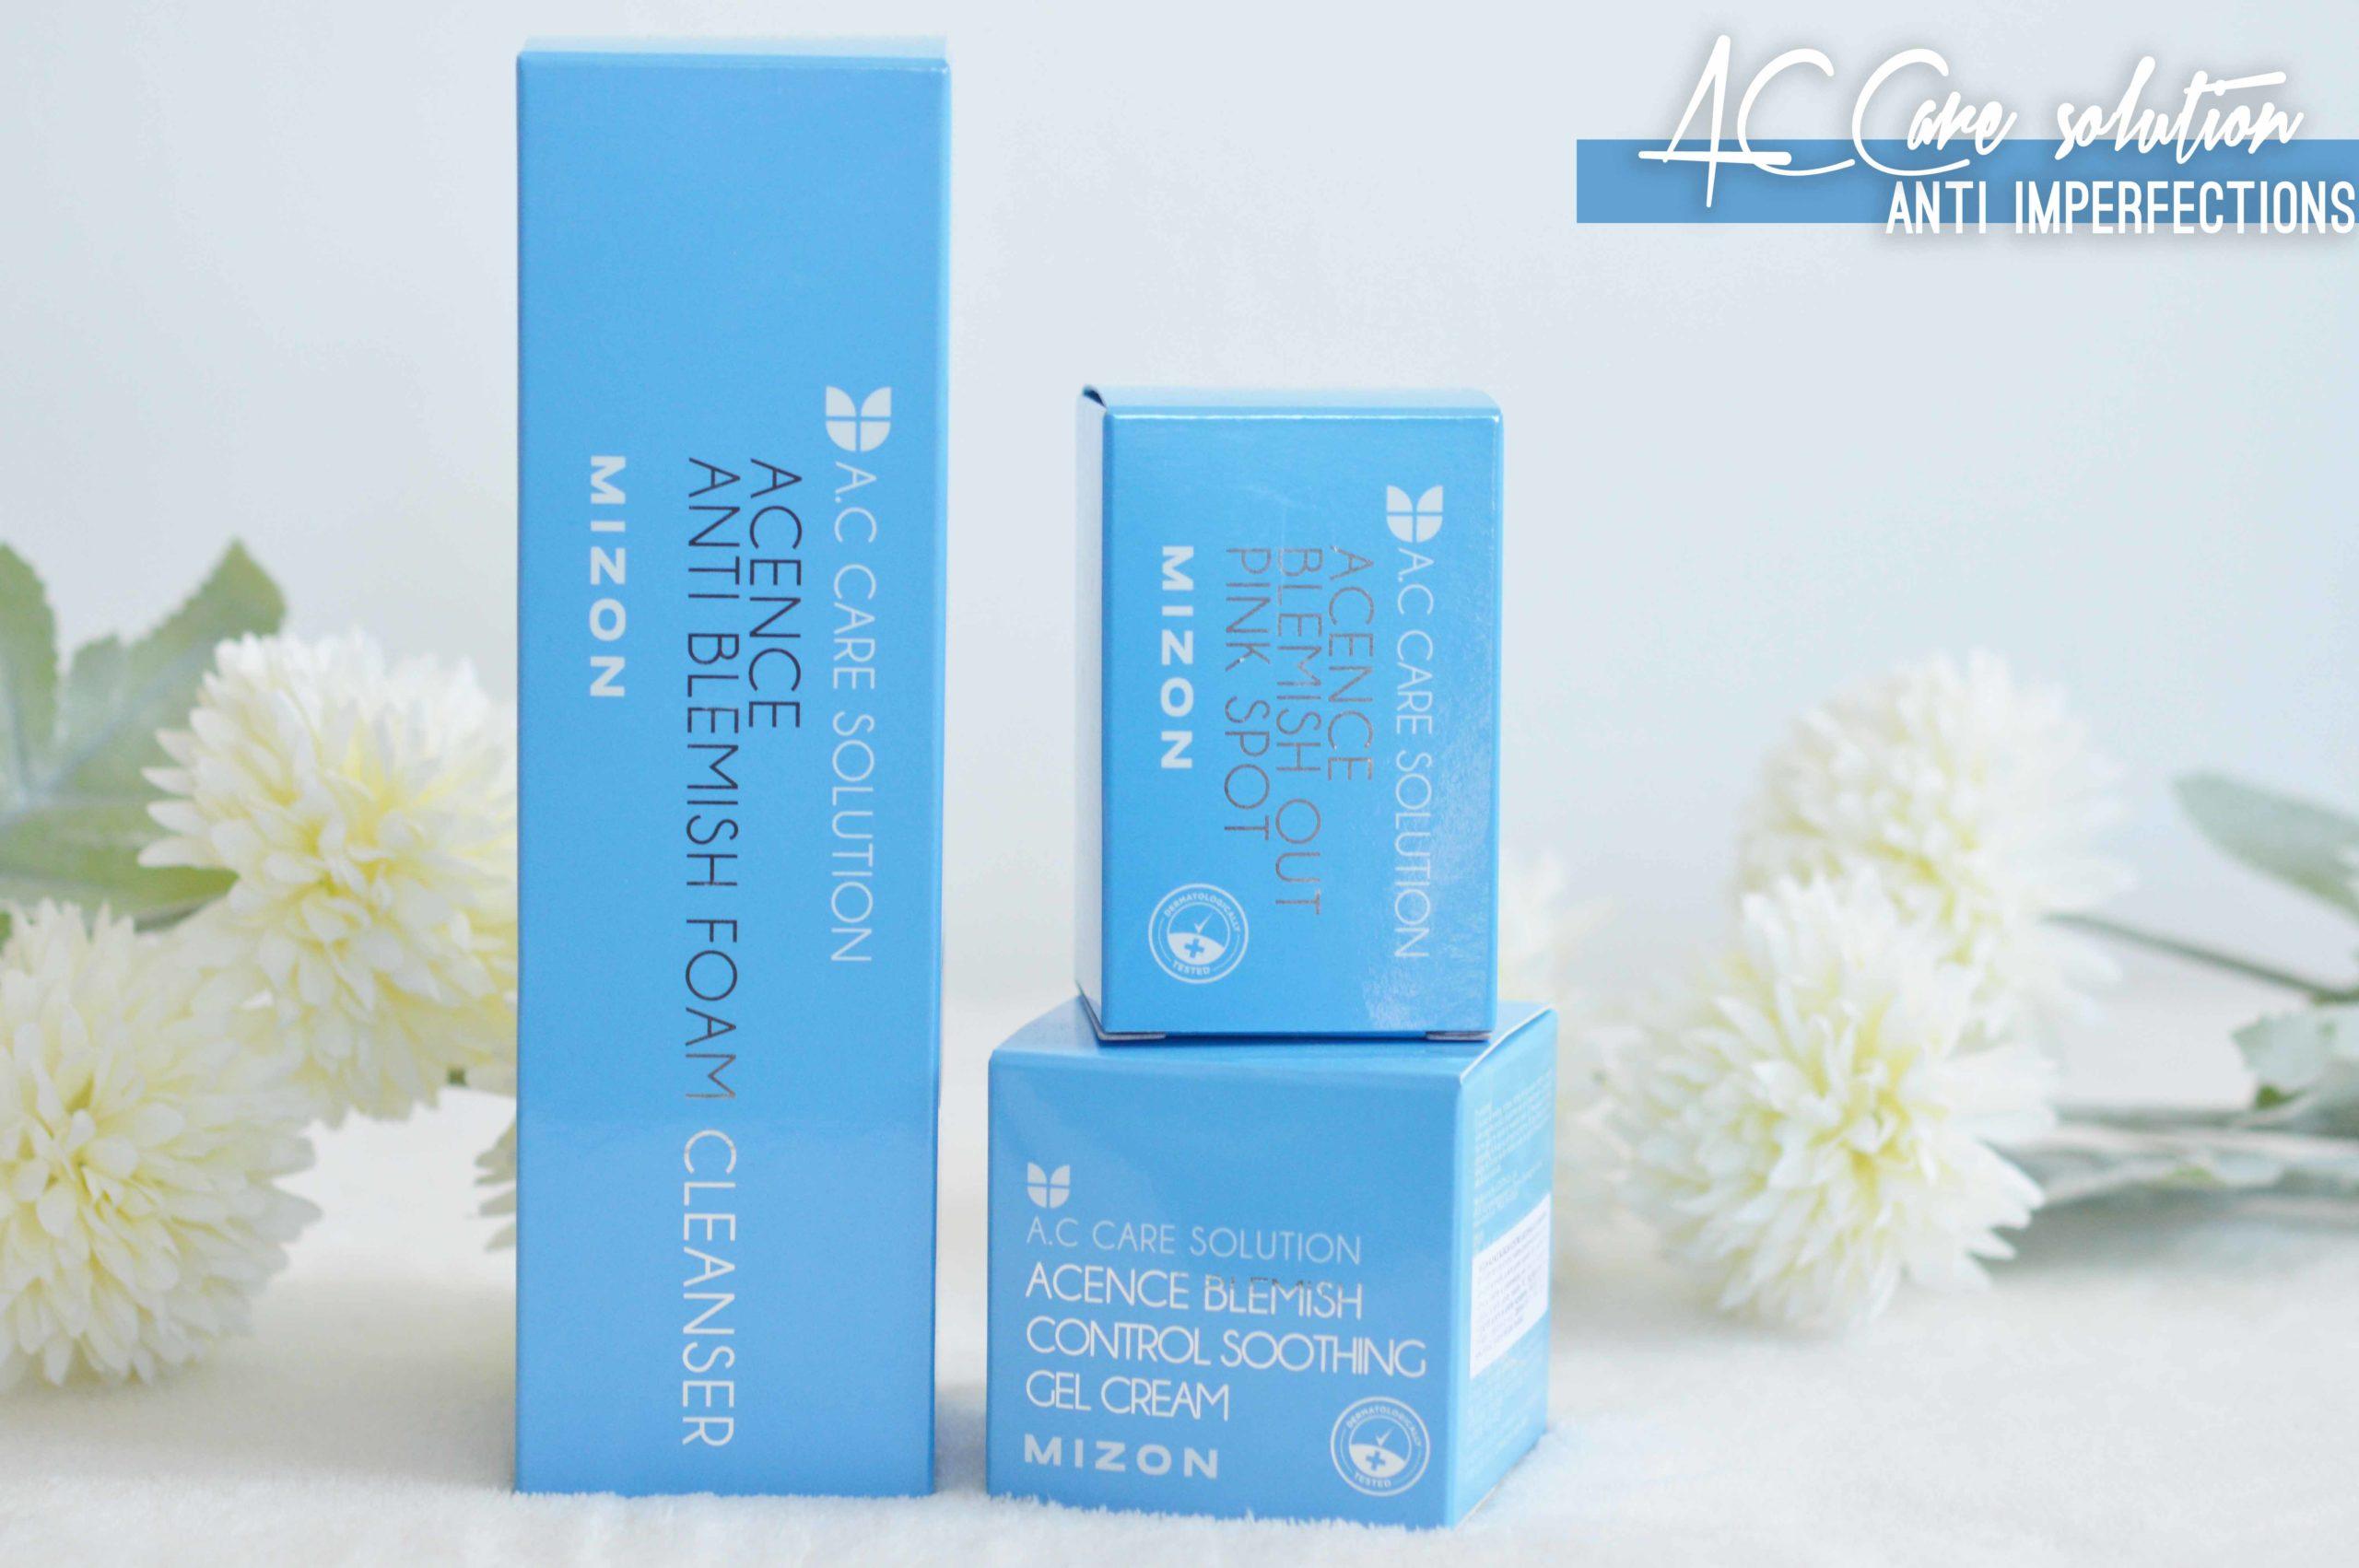 A. C. Care Solution la gamme au packaging bleu ciel